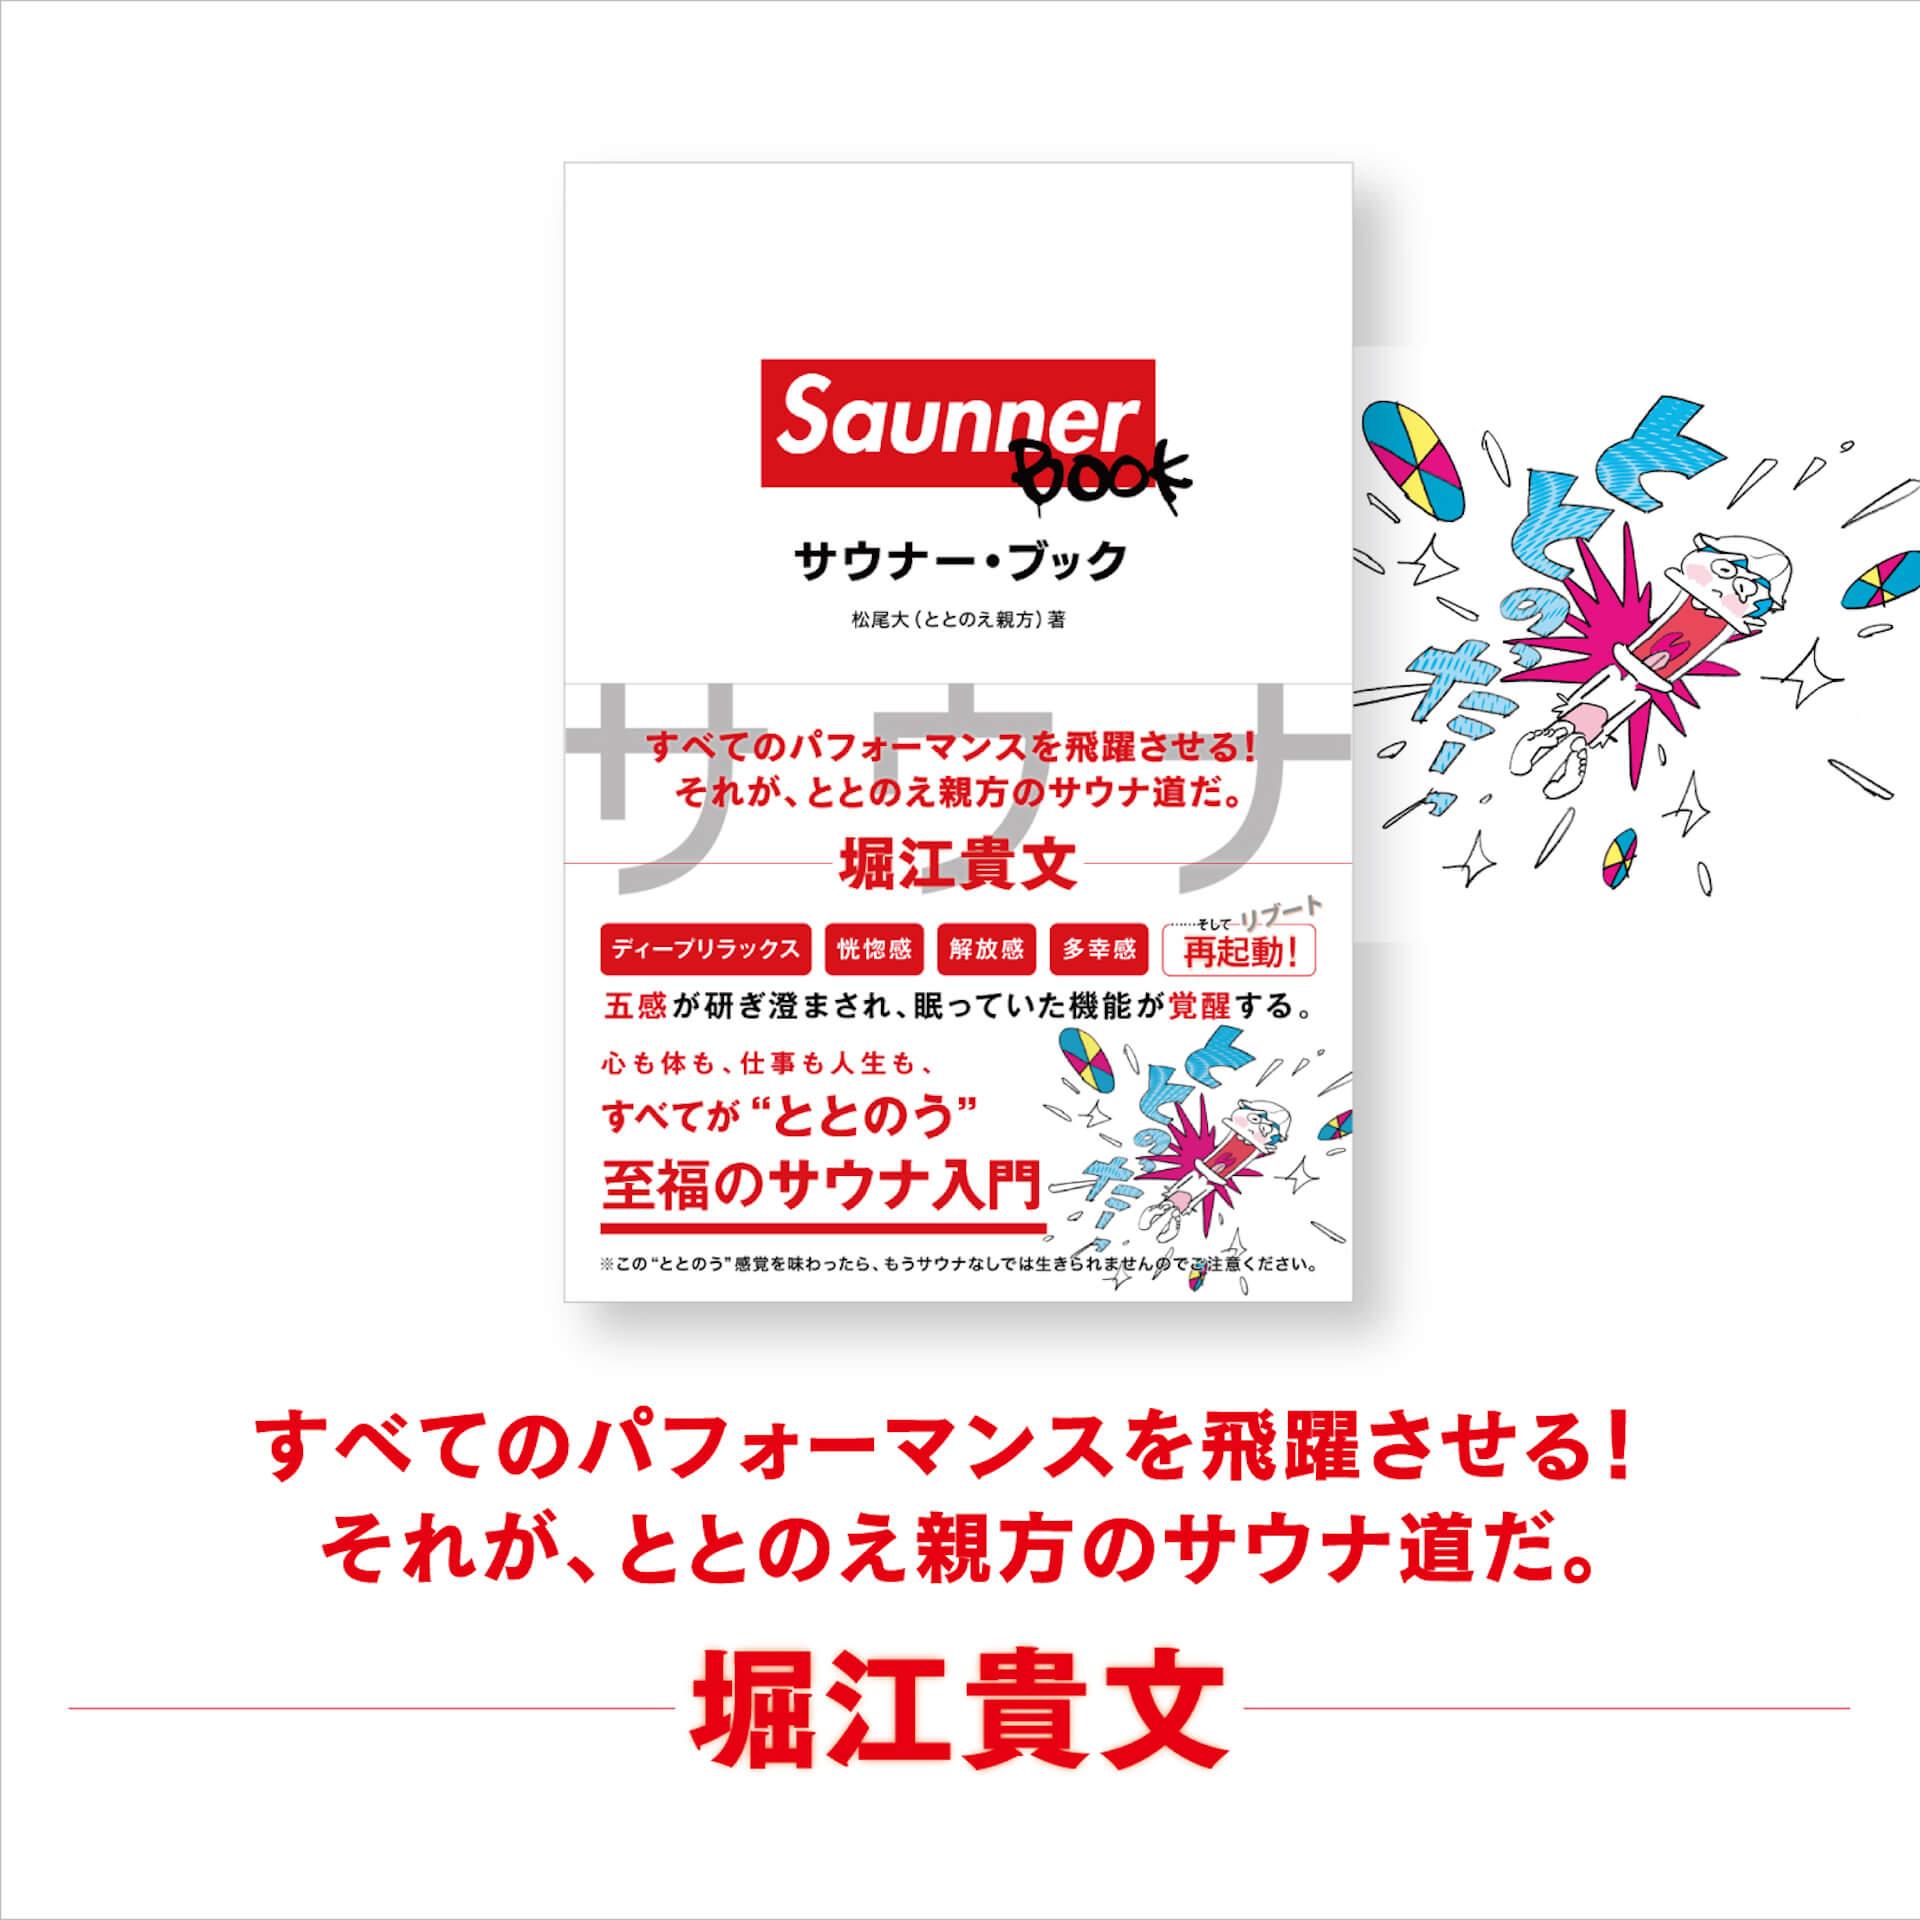 サウナーによるサウナーに向けたサウナ本がついに登場!ととのえ親方の『Saunner BOOK』がサウナの日に発売 life200305_saunner_10